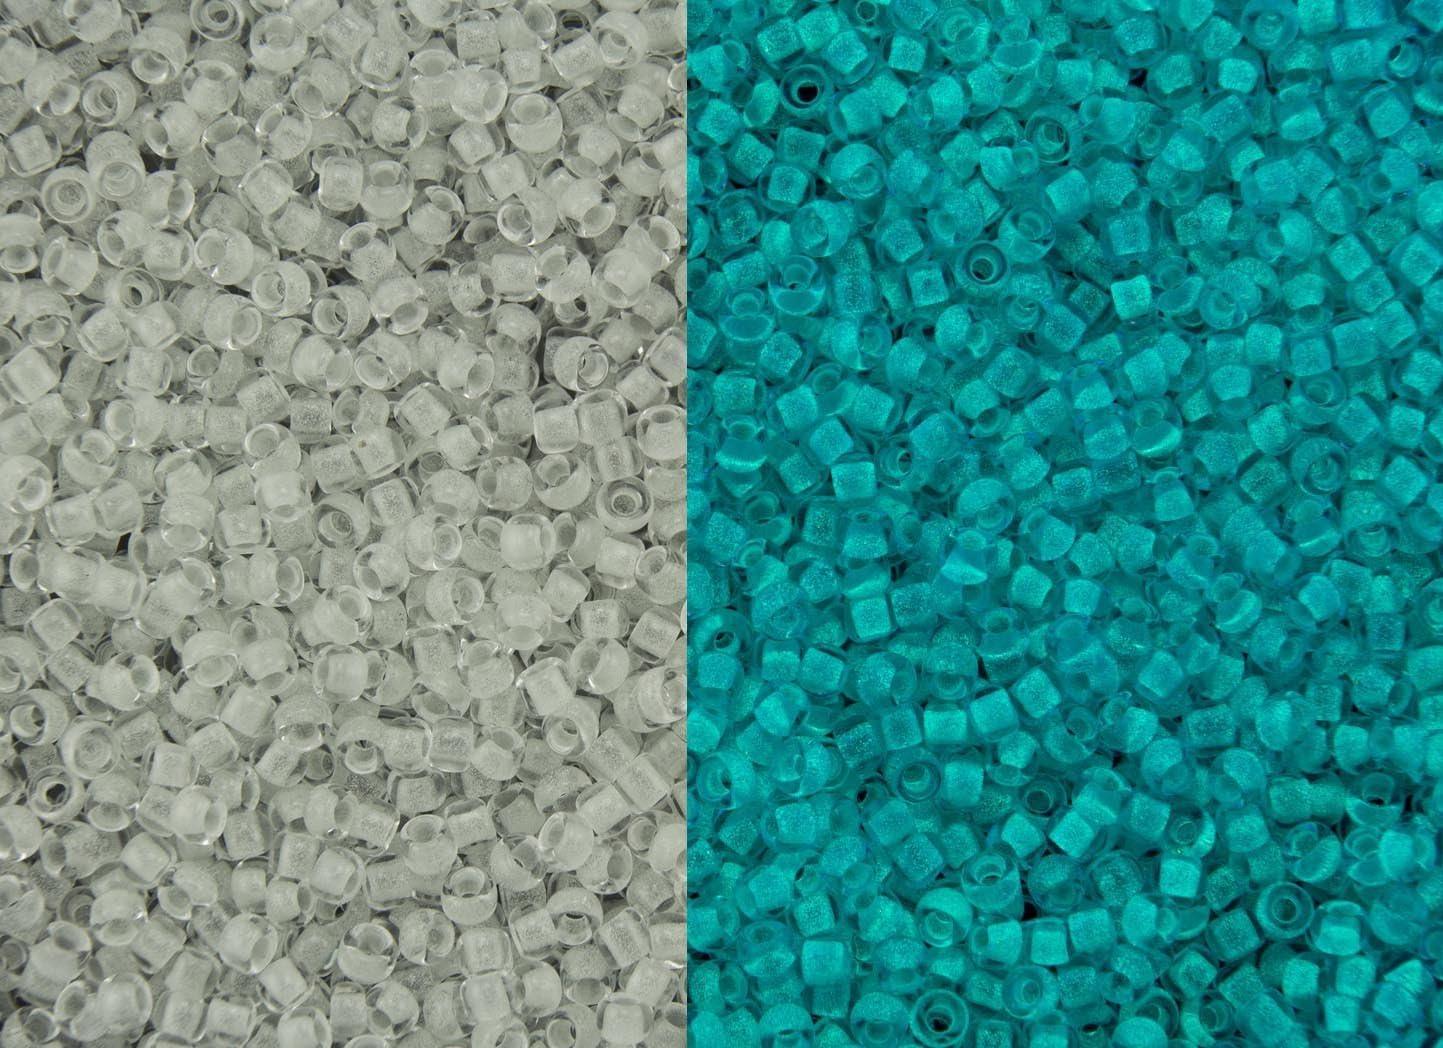 Seed Beads Japanese Seed Beads Toho 150 Neutral Hues Glass Beads